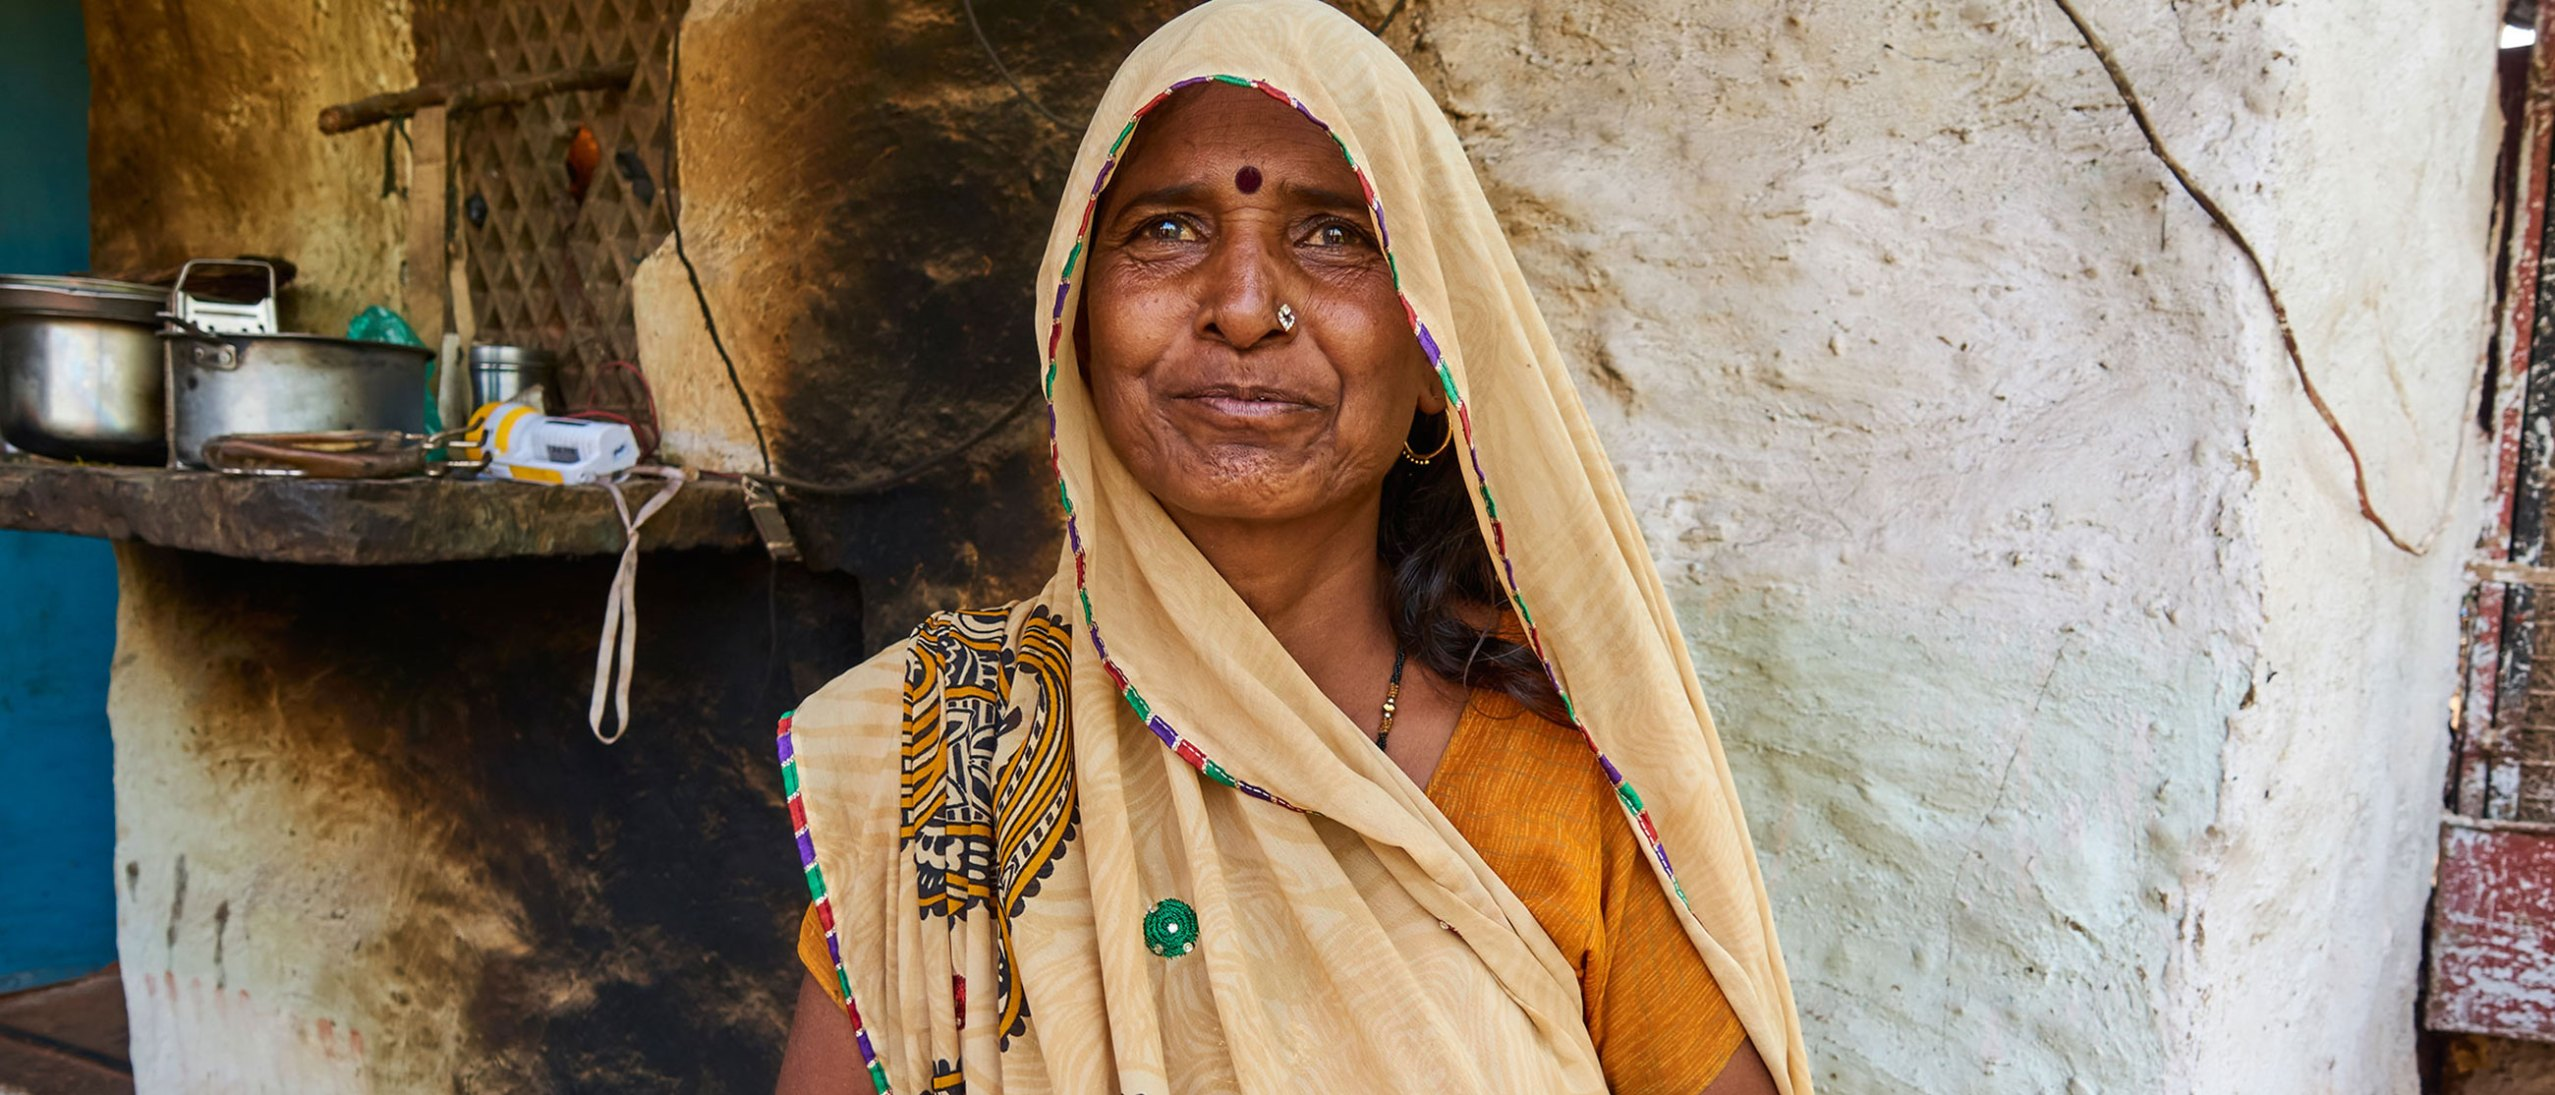 A woman in an orange sari and cream veil